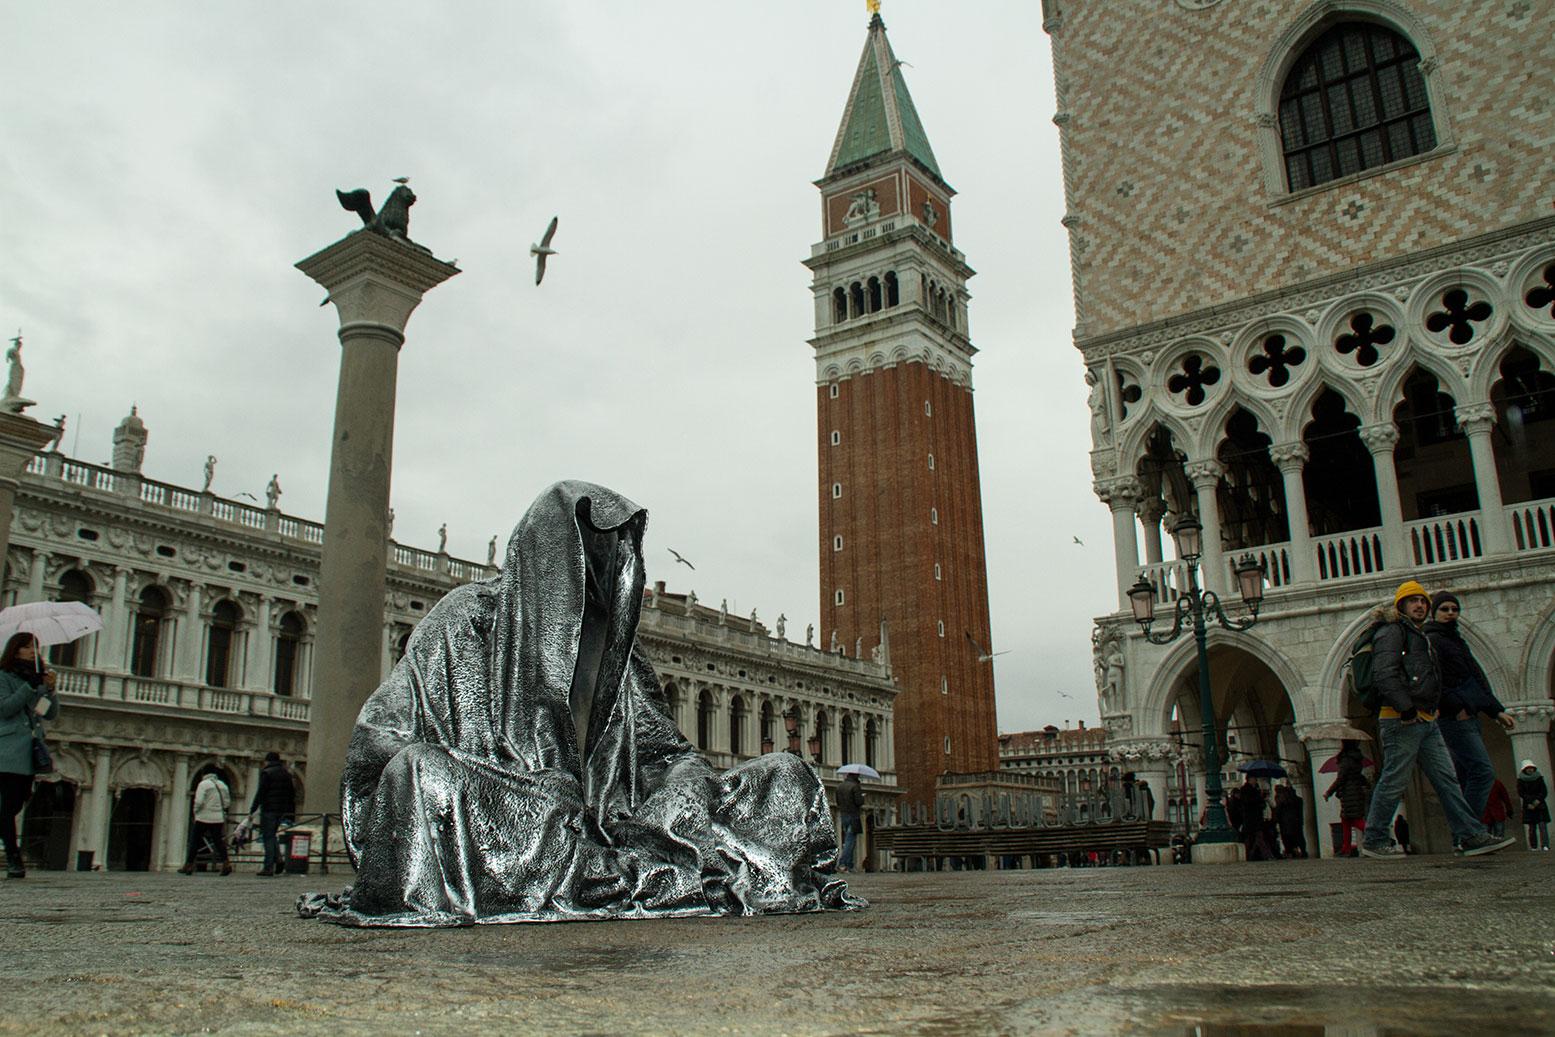 art-biennale-venice-guardians-of-time-manfred-kili-kielnhofer-contemporary-fine-art-design-sculpture-antique-show-7992